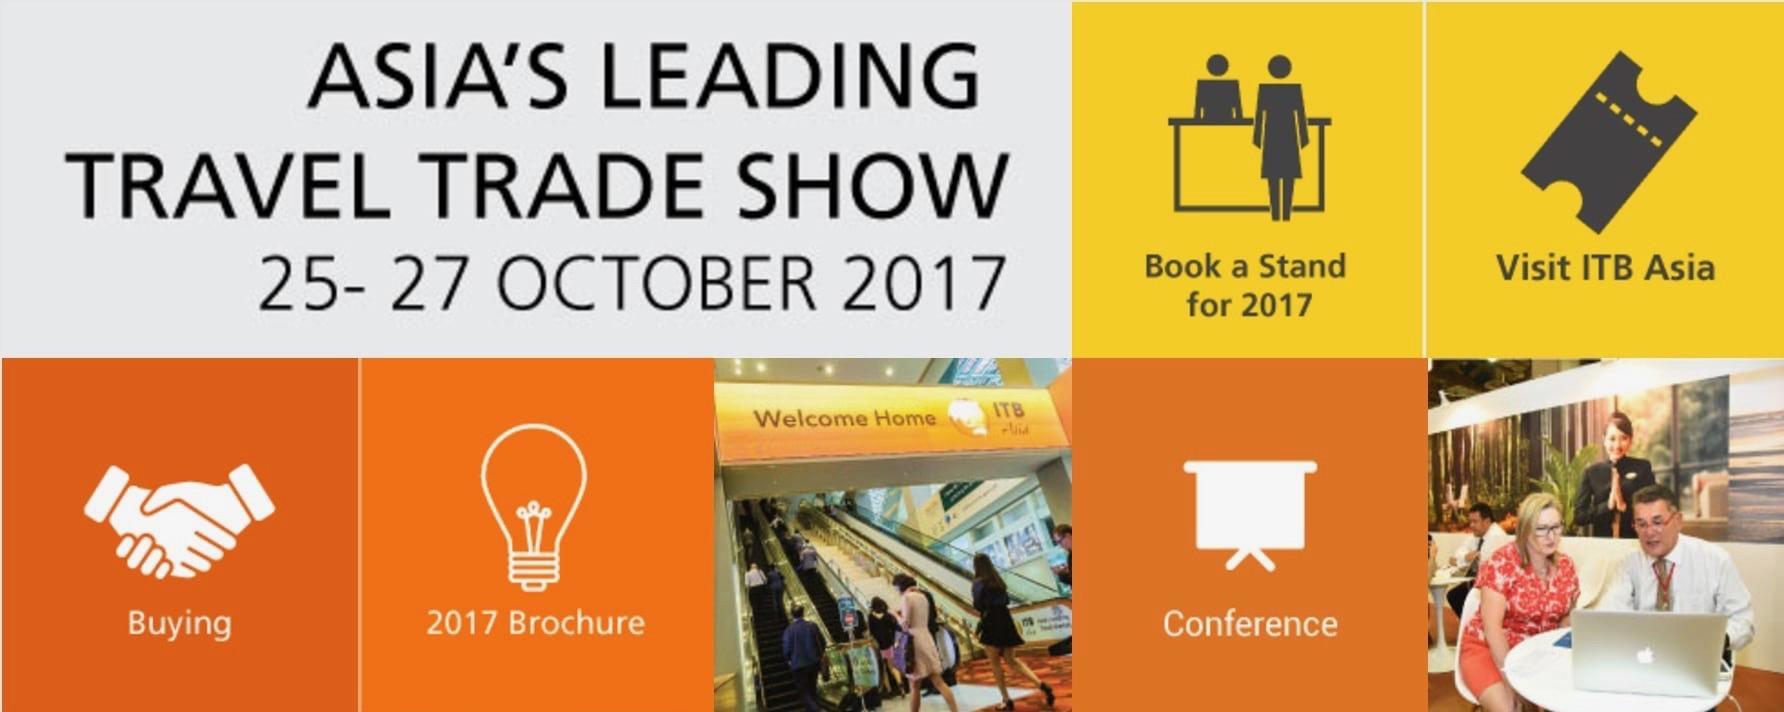 Travel Trade Show Asia